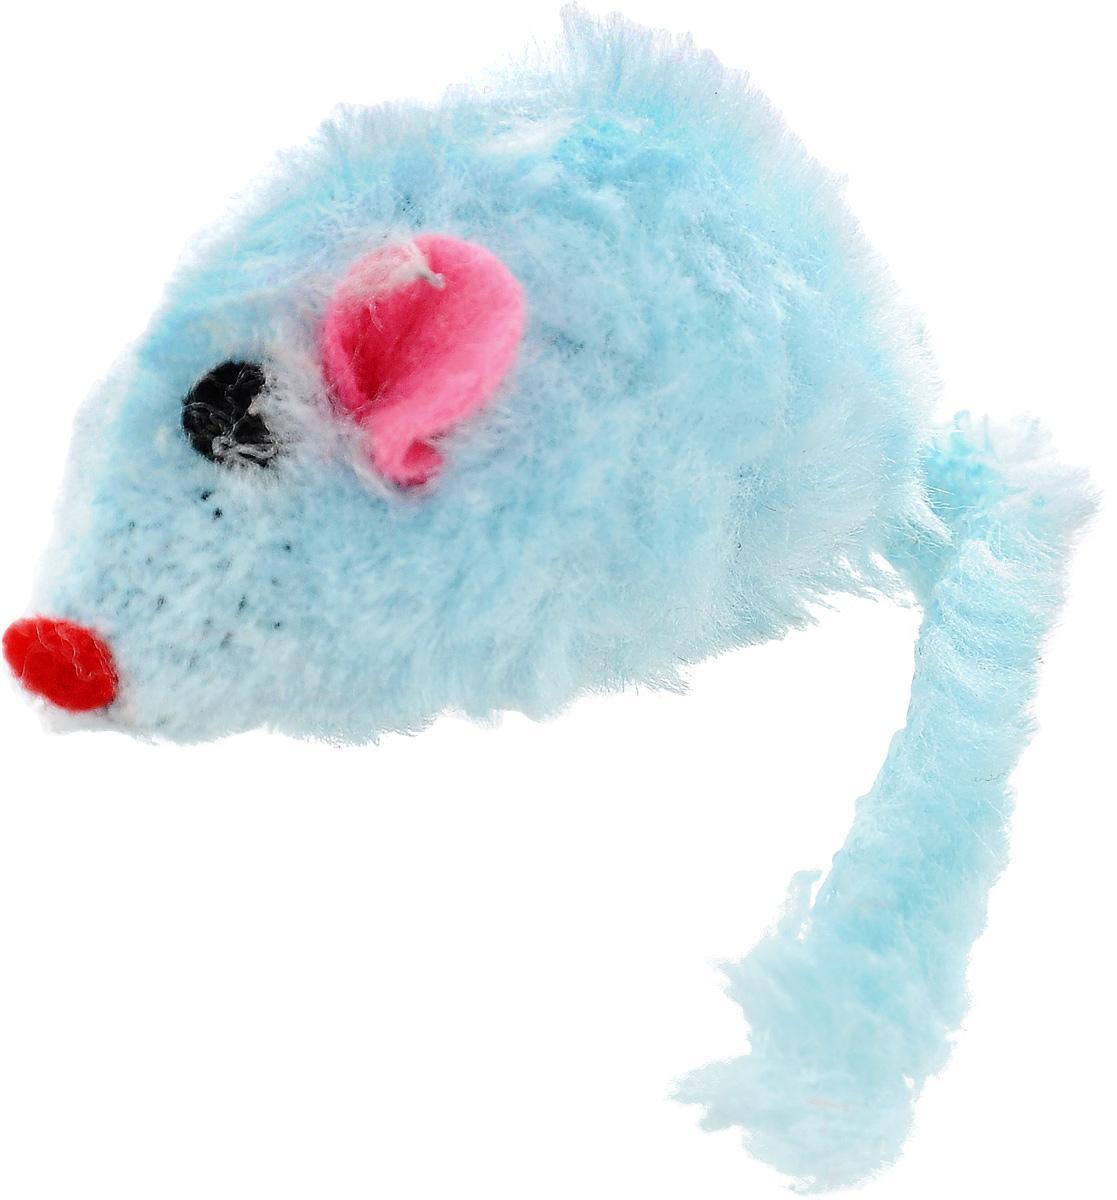 Игрушка для кошек Каскад Мышь, с коротким мехом, цвет: голубой, длина 12,5 см0120710Игрушка для кошек Каскад Мышь изготовлена из искусственного меха и пластика.Такая игрушка порадует вашего любимца, а вам доставит массу приятных эмоций, ведь наблюдать за игрой всегда интересно и приятно.Общая длина игрушки: 12,5 см.